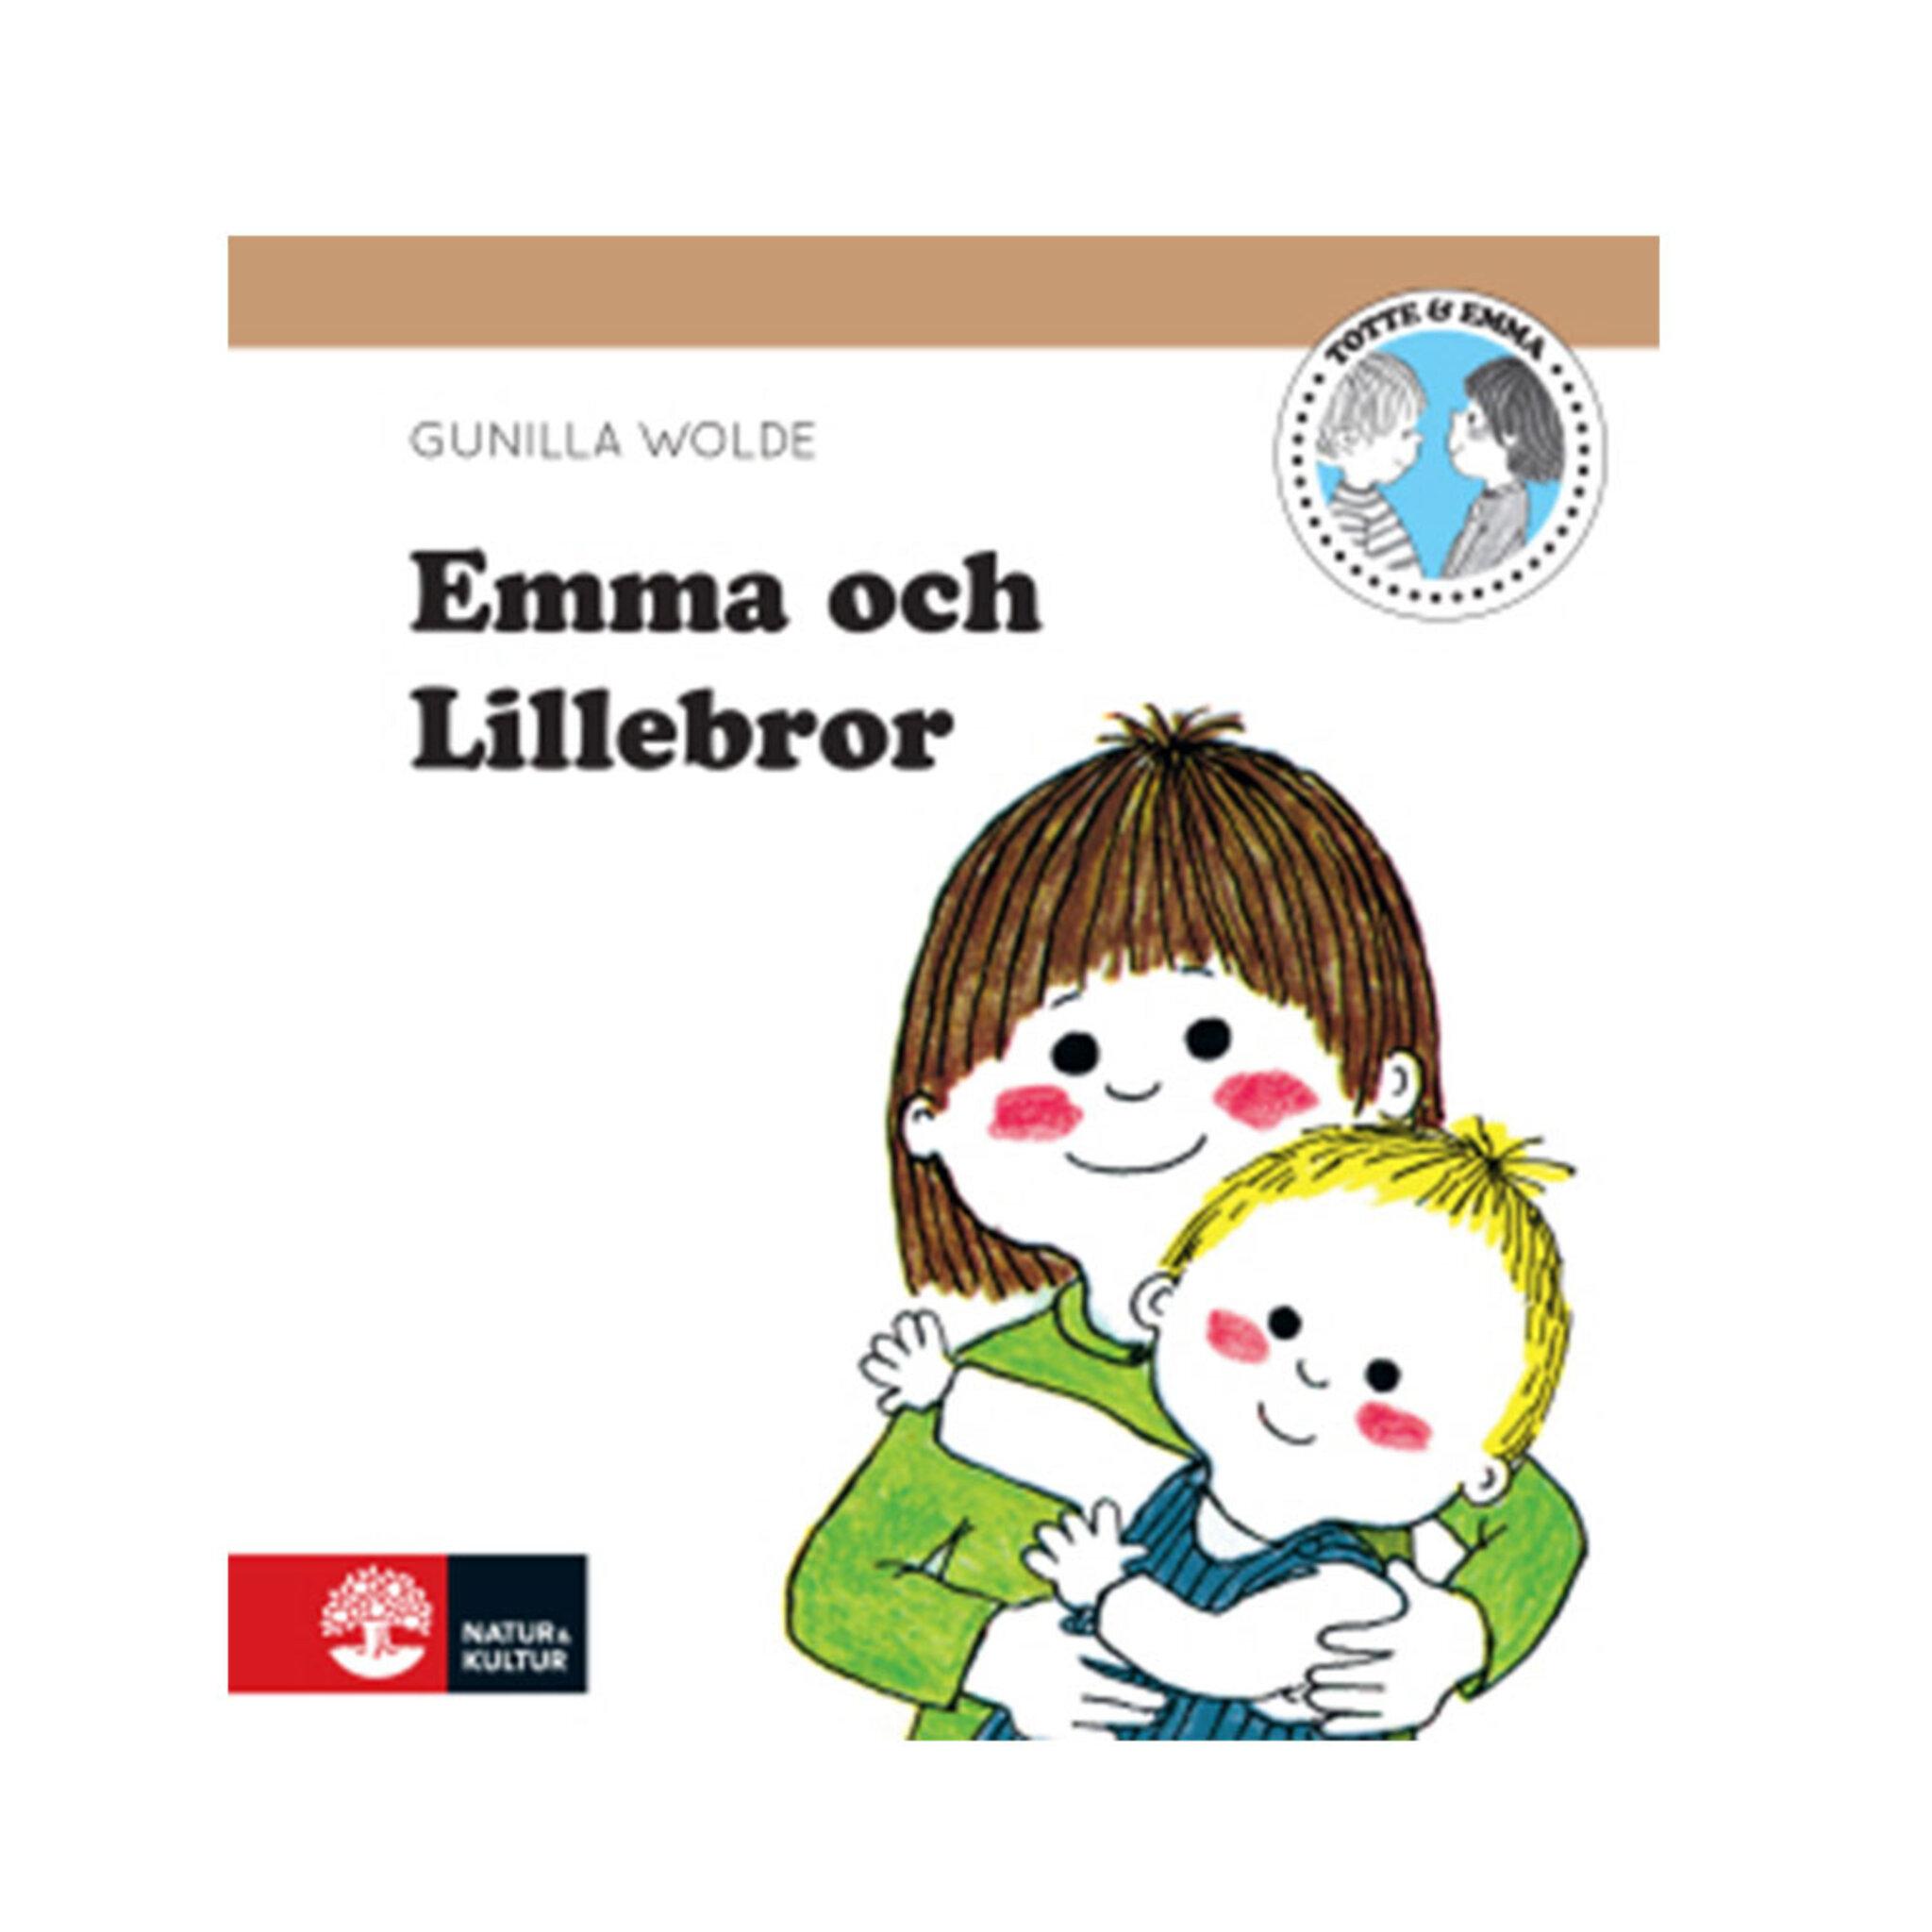 Emma och lillebror, Gunilla Wolde